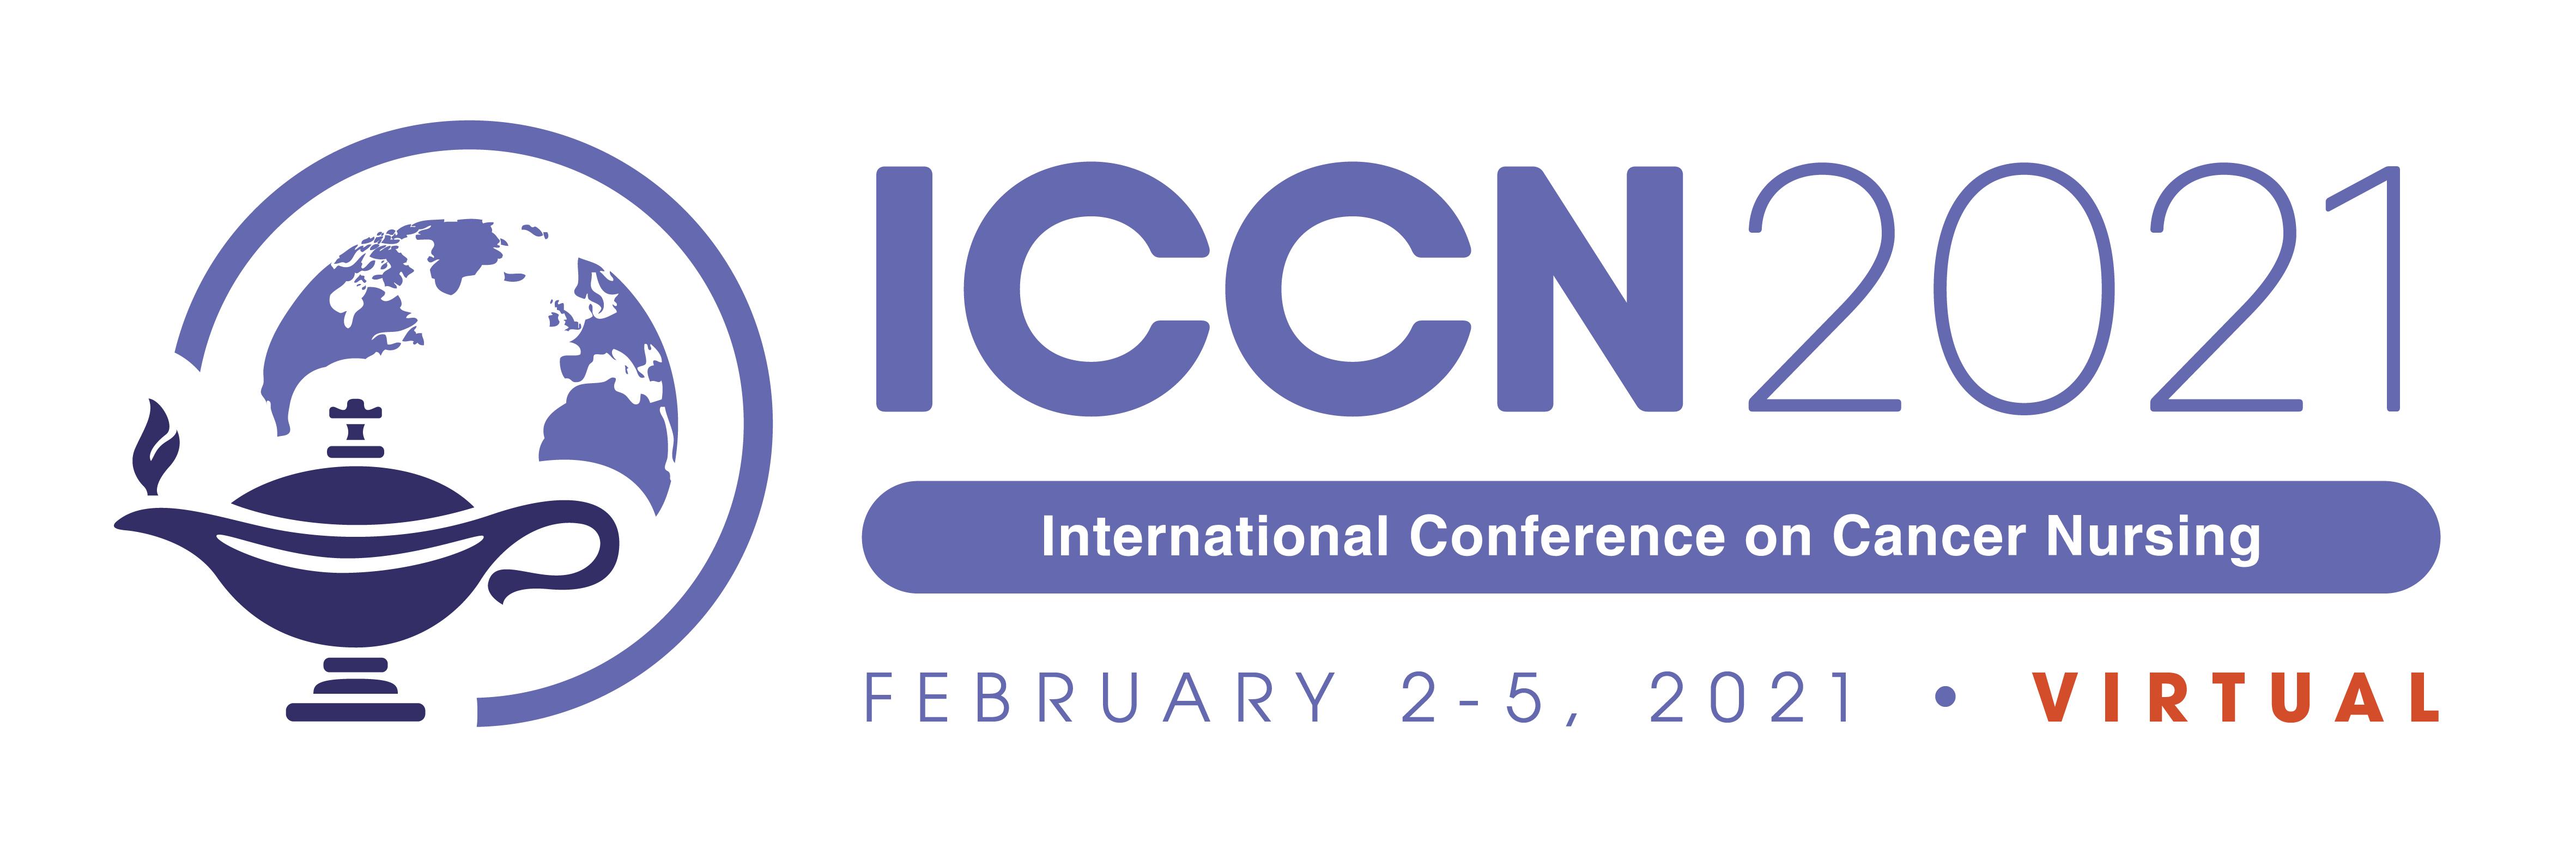 International Conference on Cancer Nursing